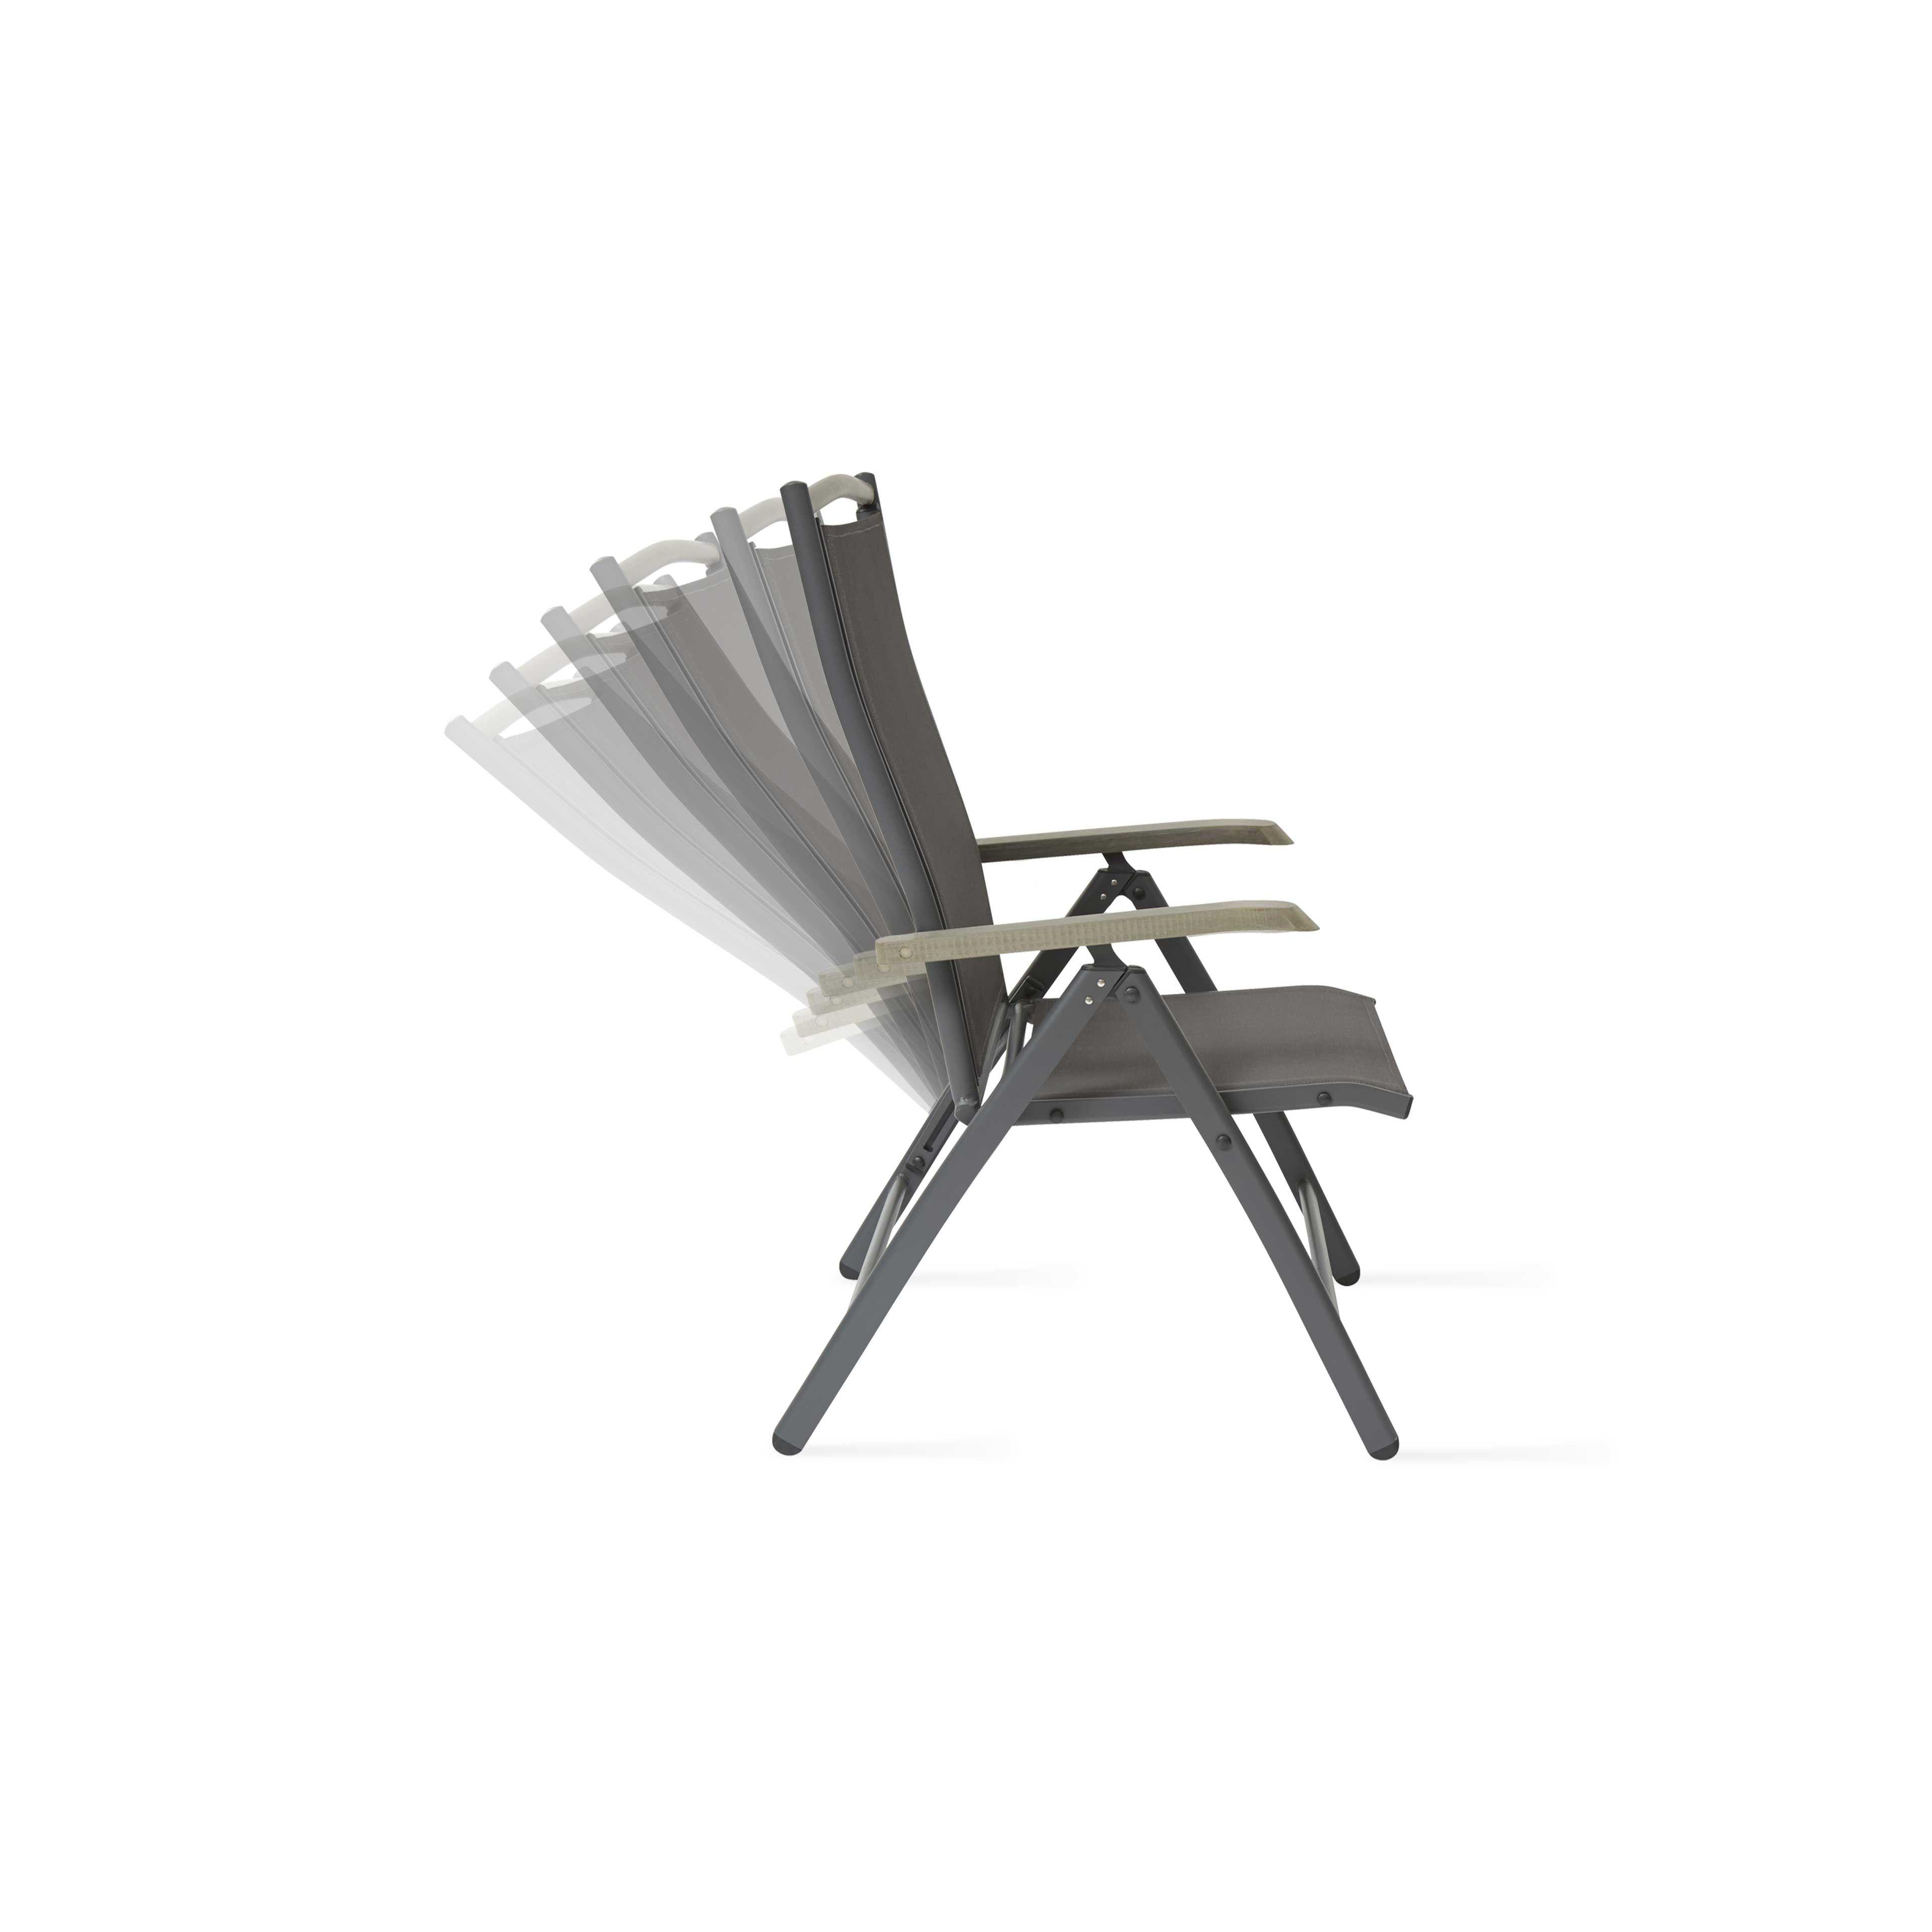 table de jardin resistant aux intemperies meilleures id es pour la conception et l 39 ameublement. Black Bedroom Furniture Sets. Home Design Ideas